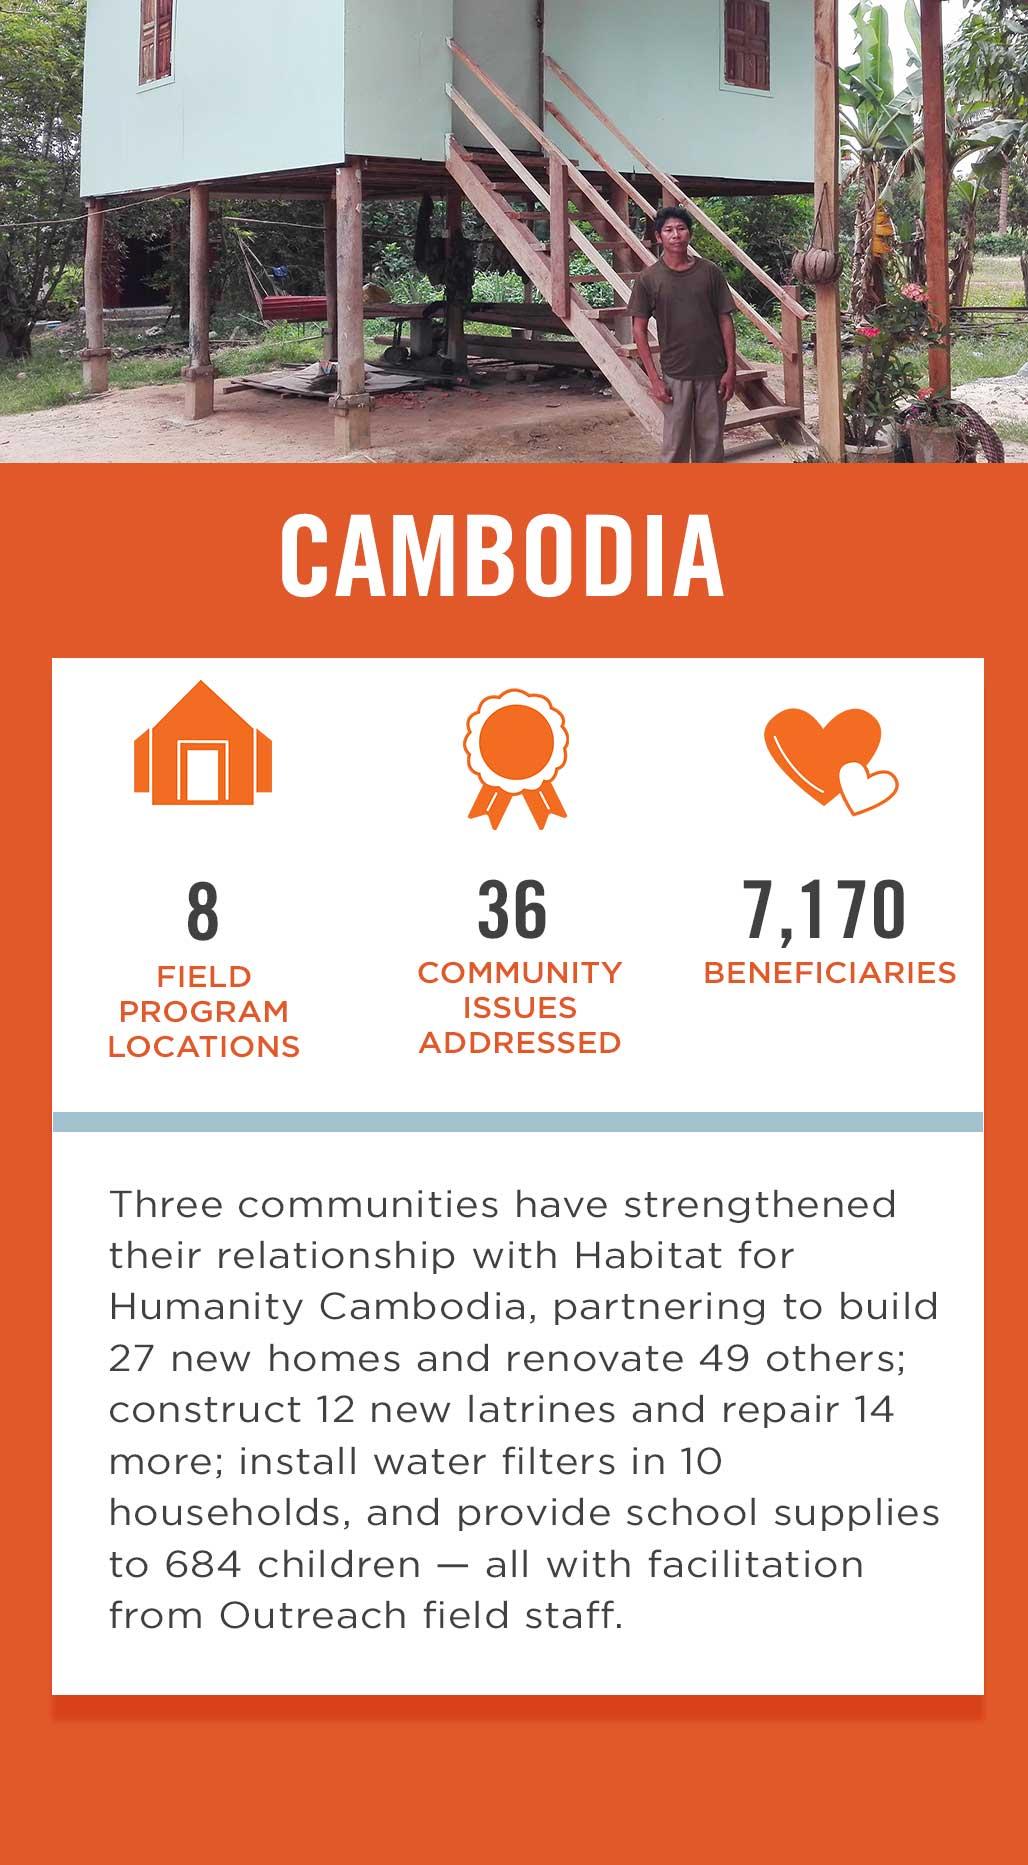 Cambodia Field Program